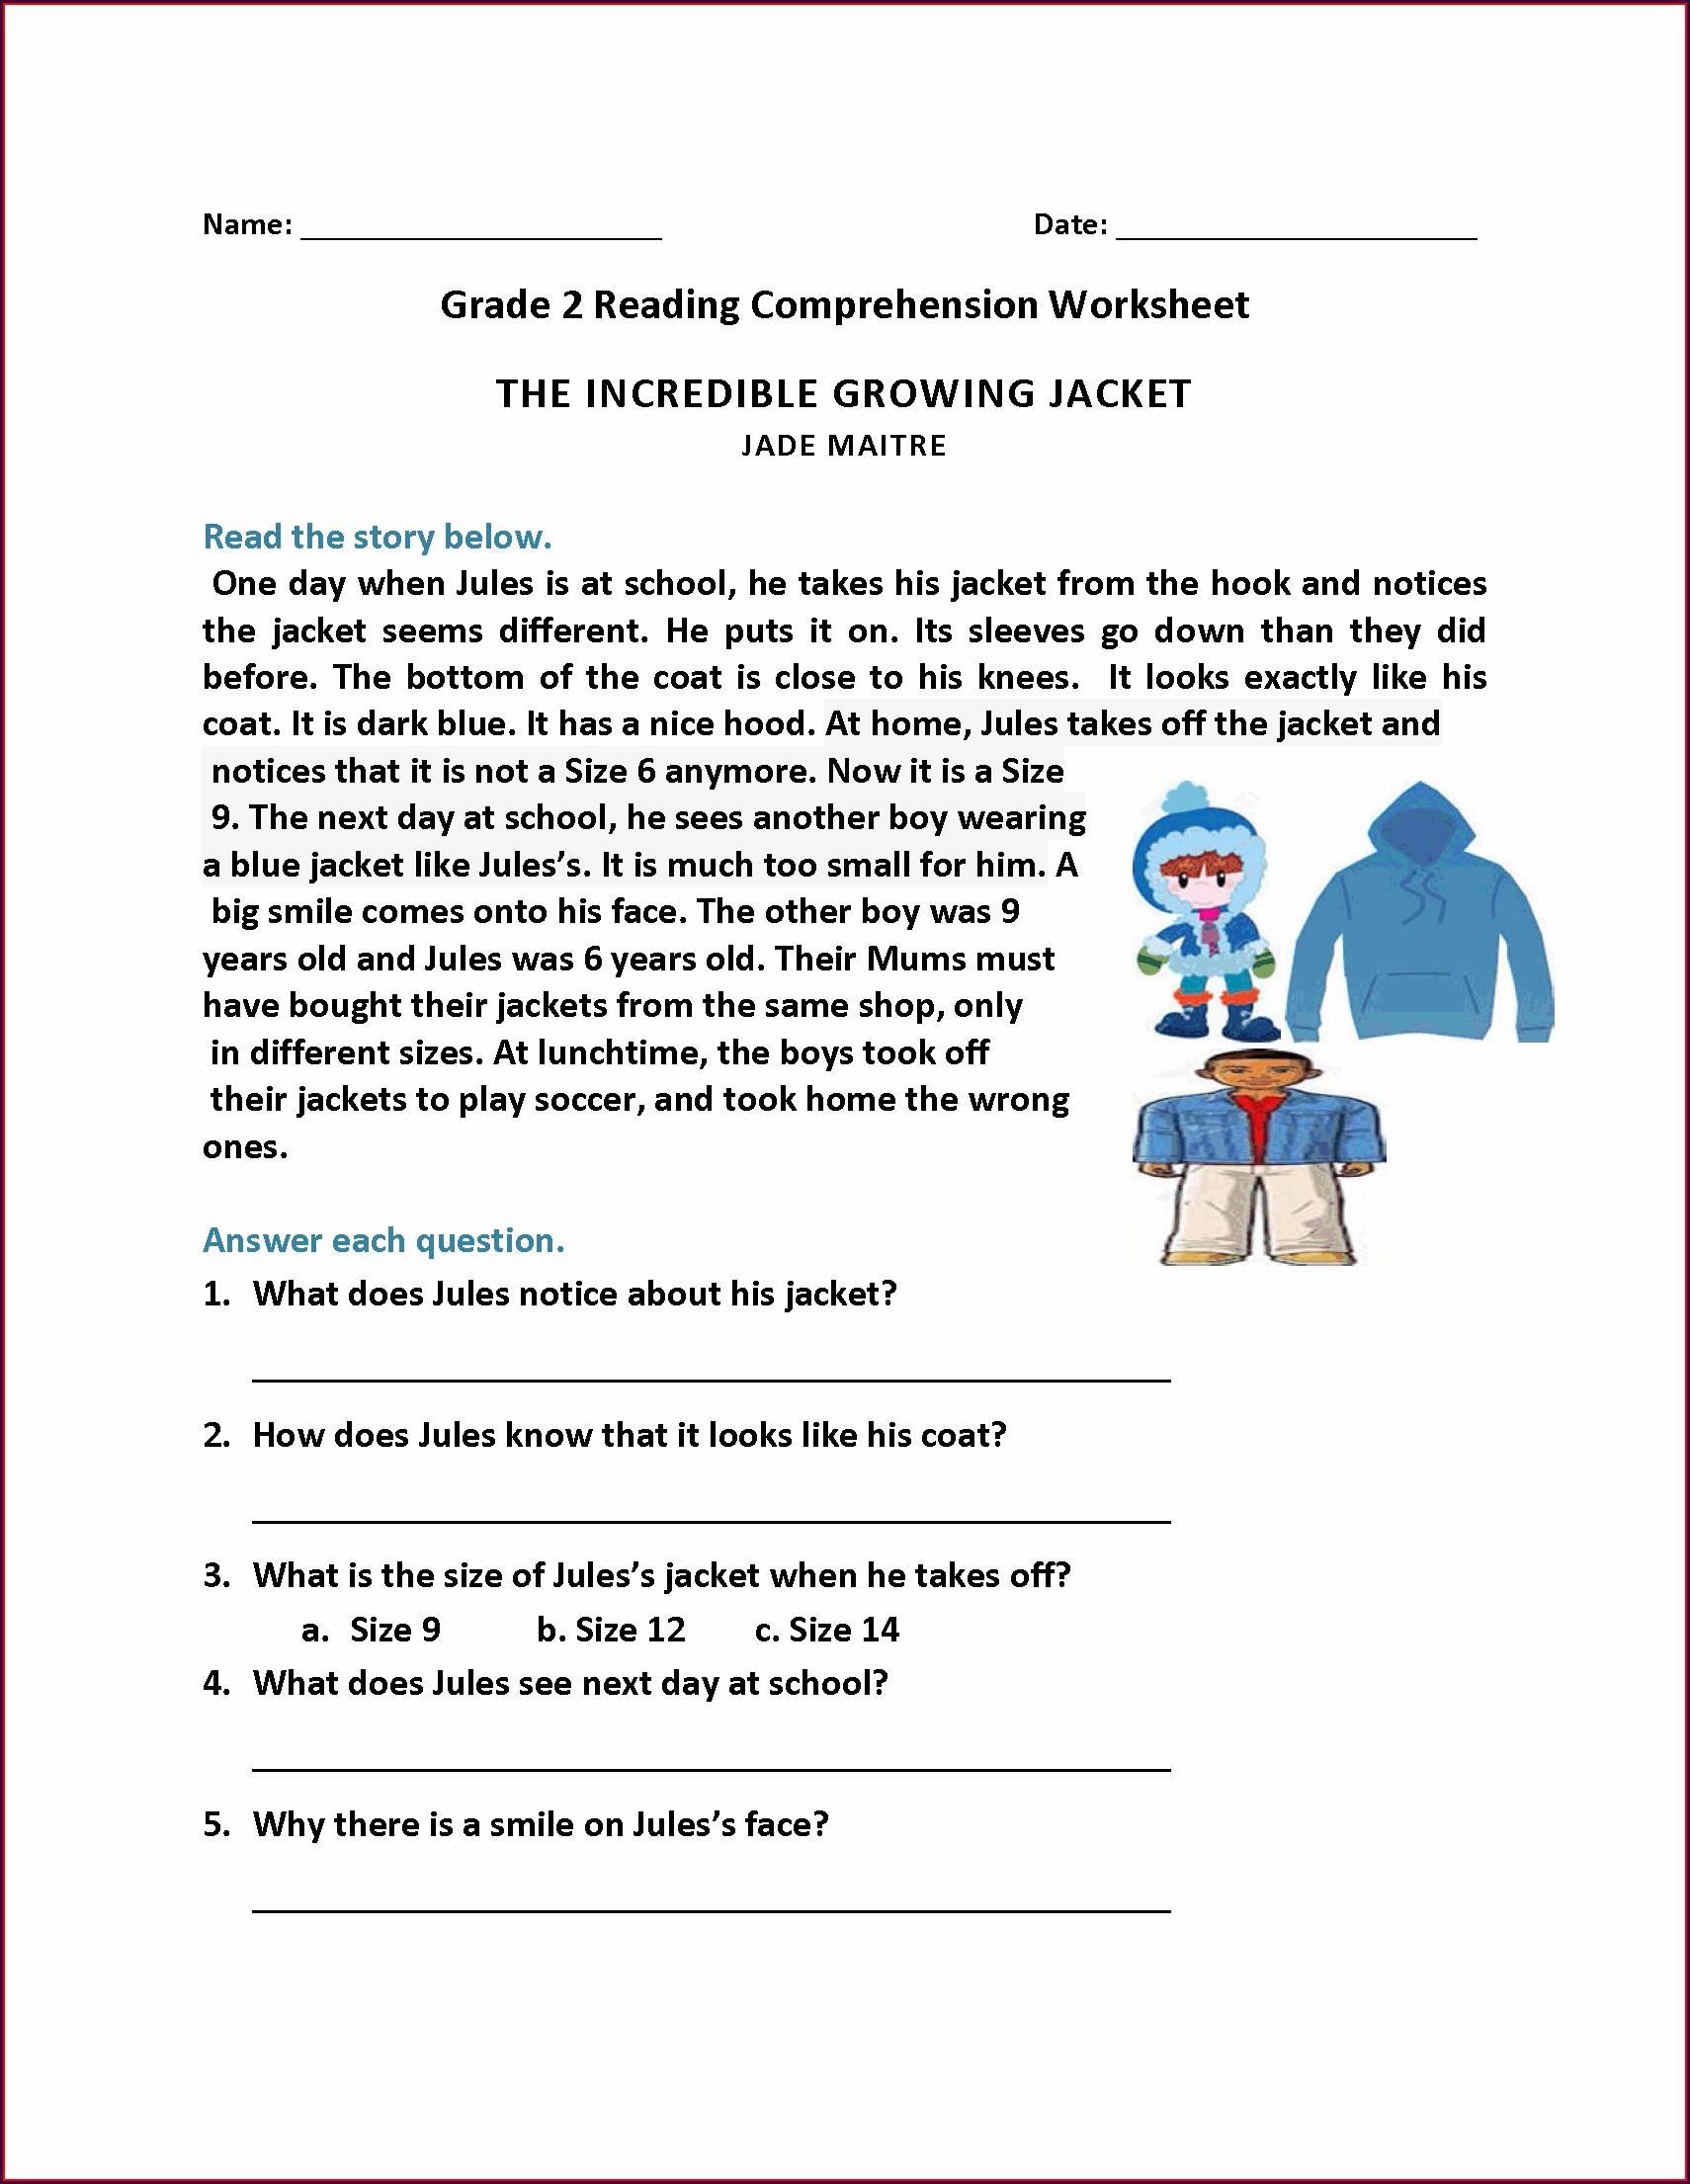 Picture Comprehension Worksheet For Grade 2